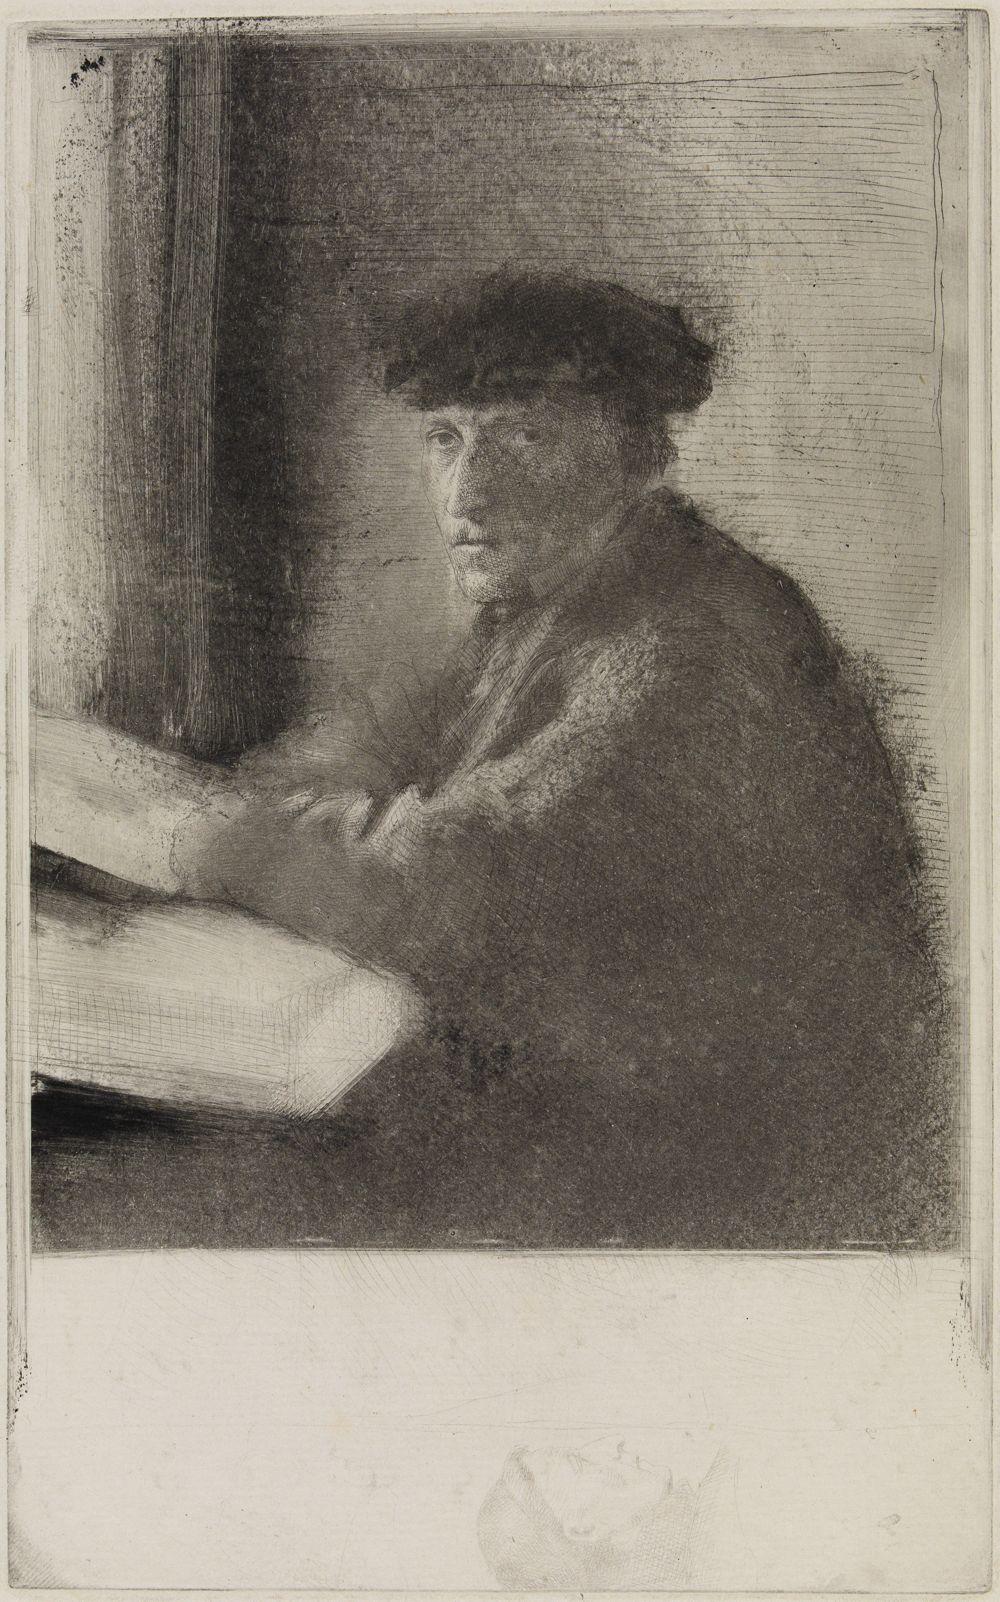 Der Stecher Joseph Tourny, in halber Figur